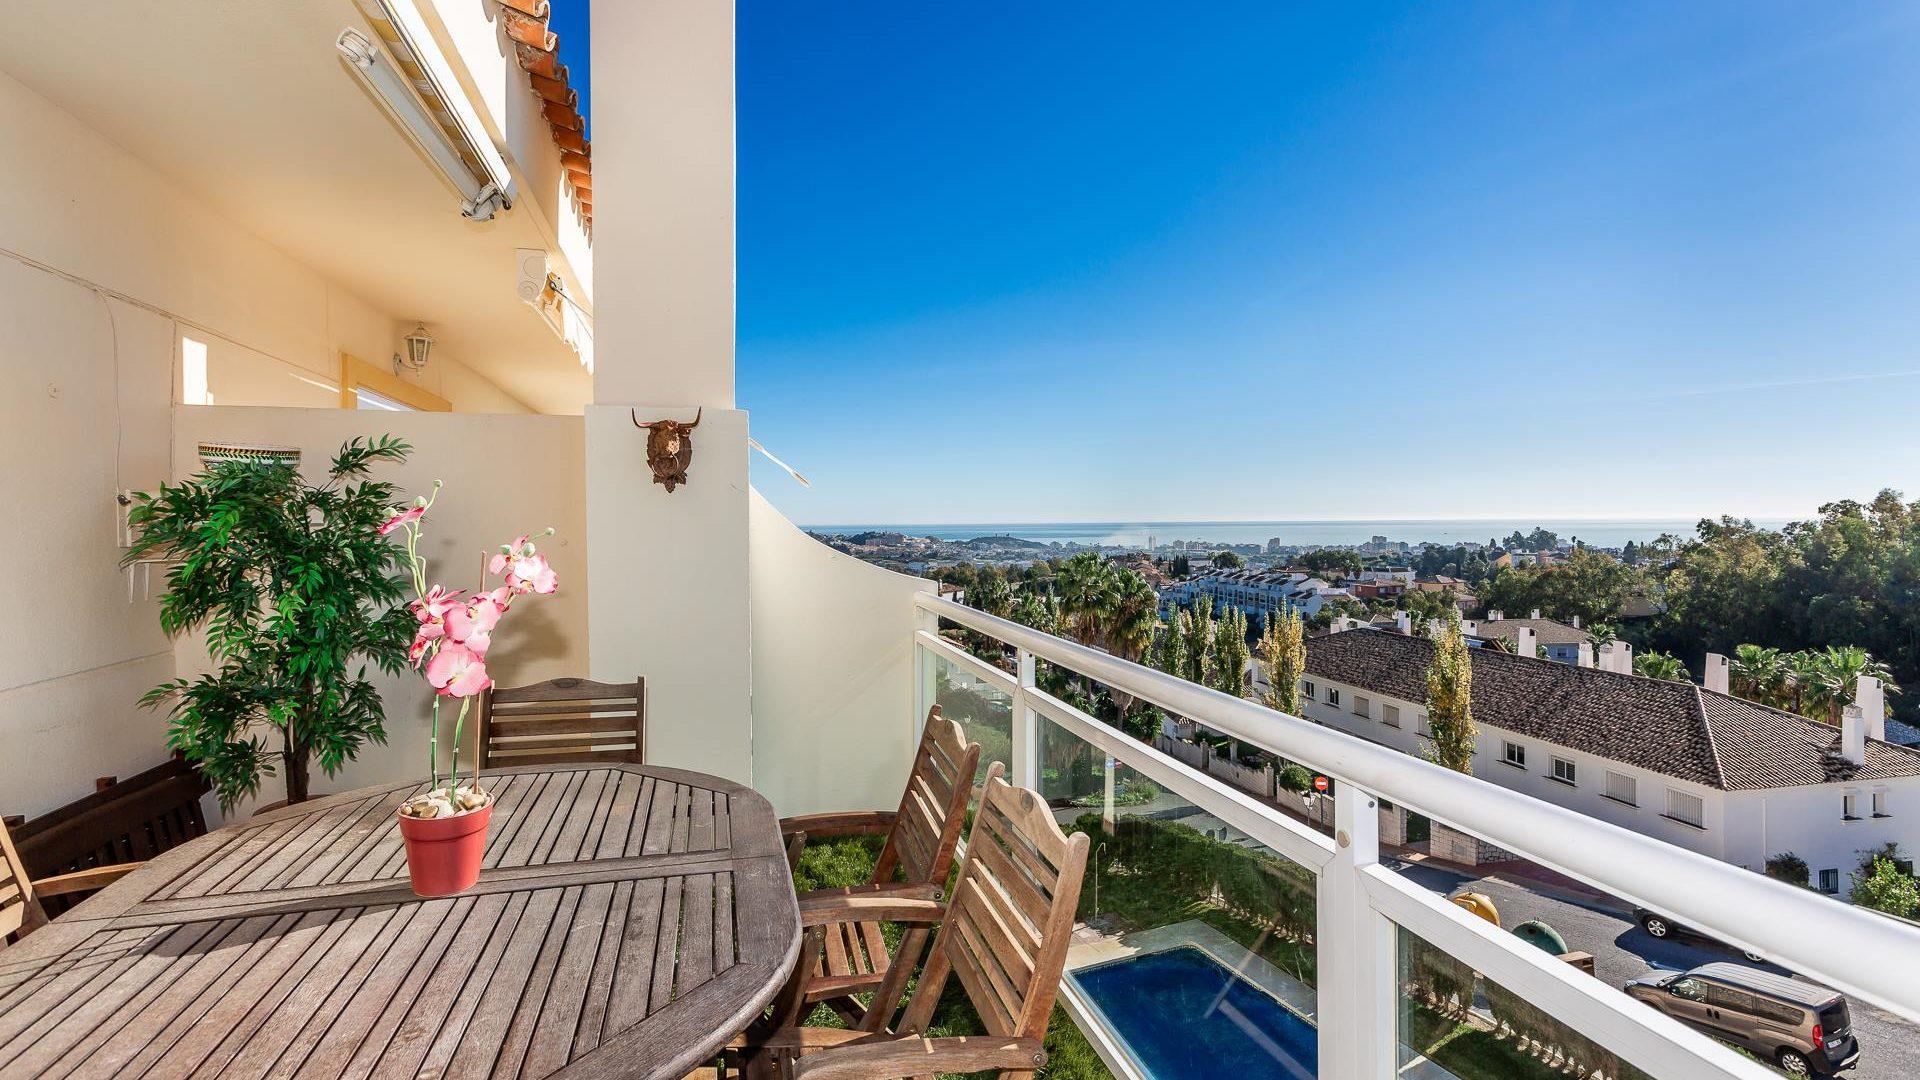 Duplex / penthouse meublé de 3 chambres avec 2 terrasses